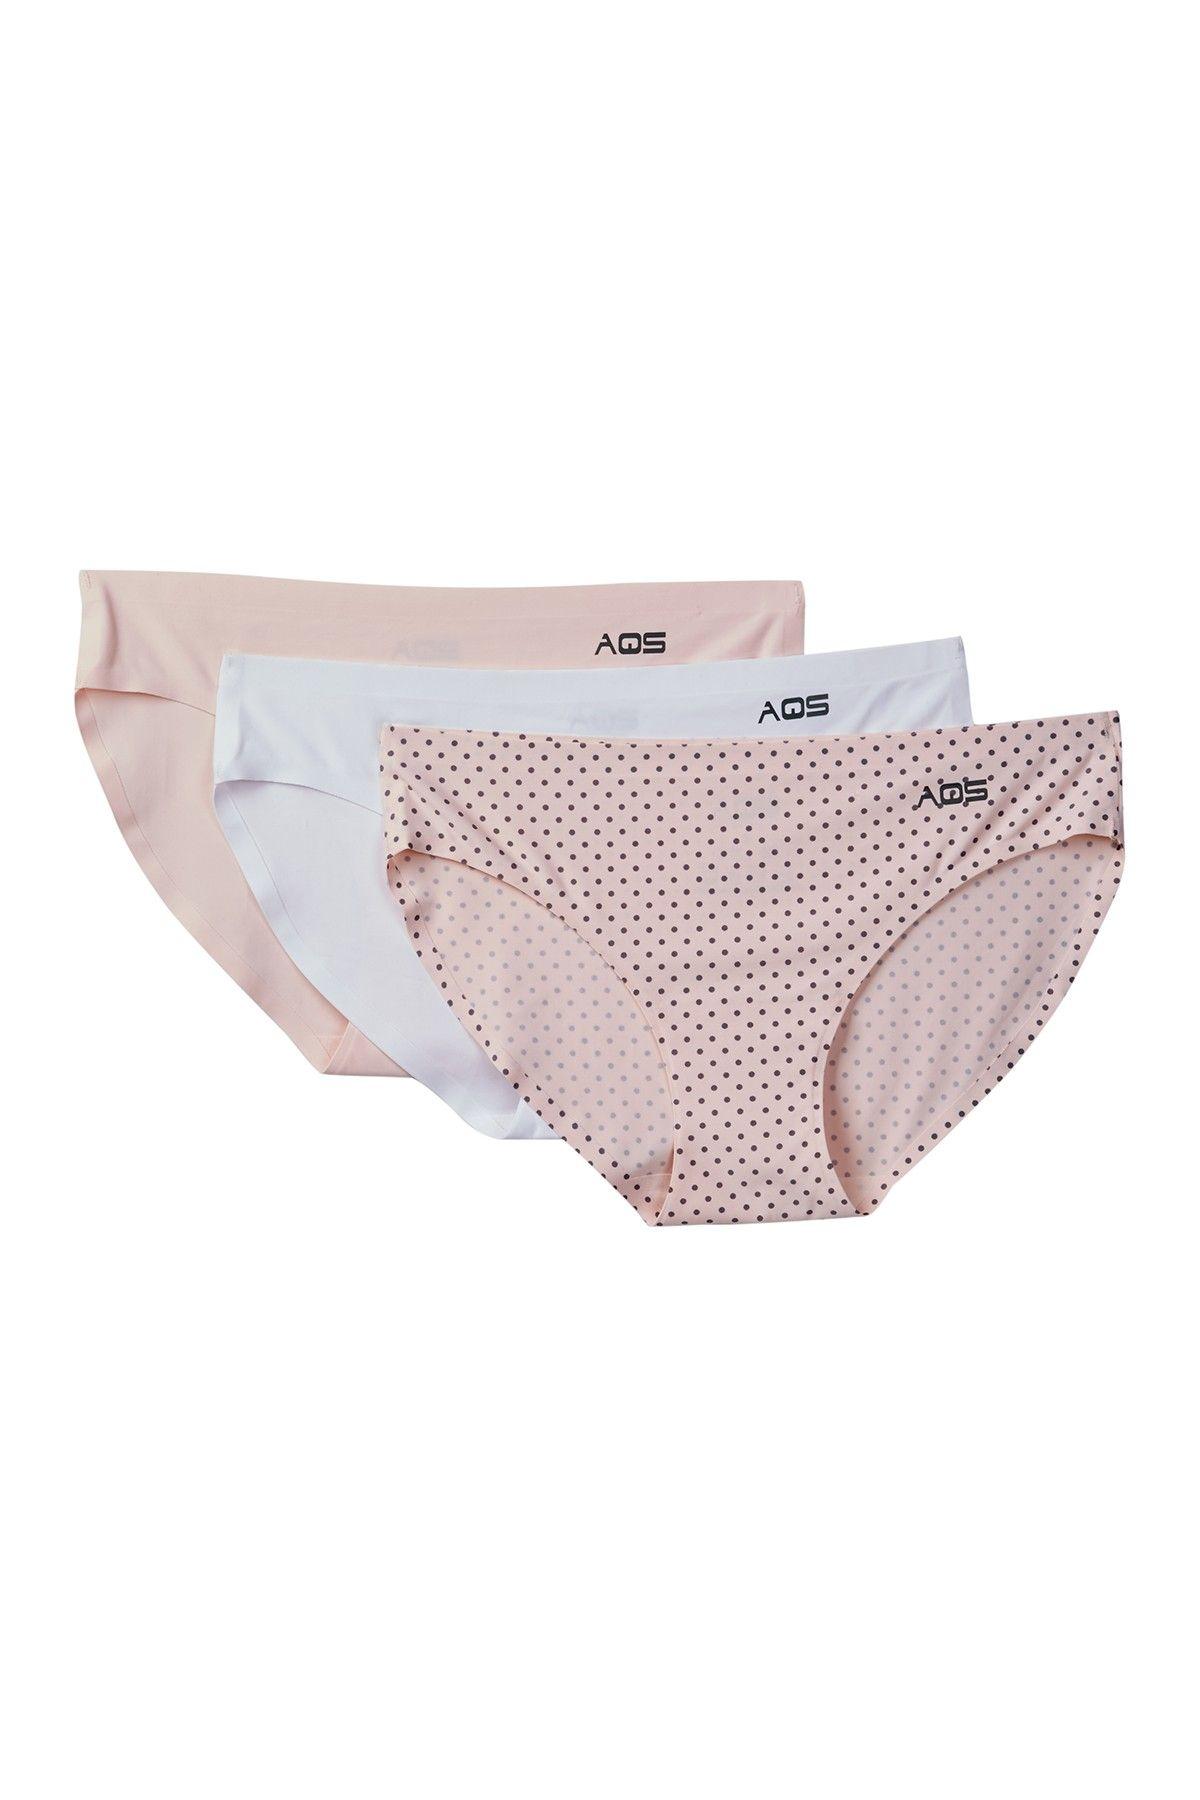 9be89ebc1405b Seamless Bikini Cut Panties - Pack of 3